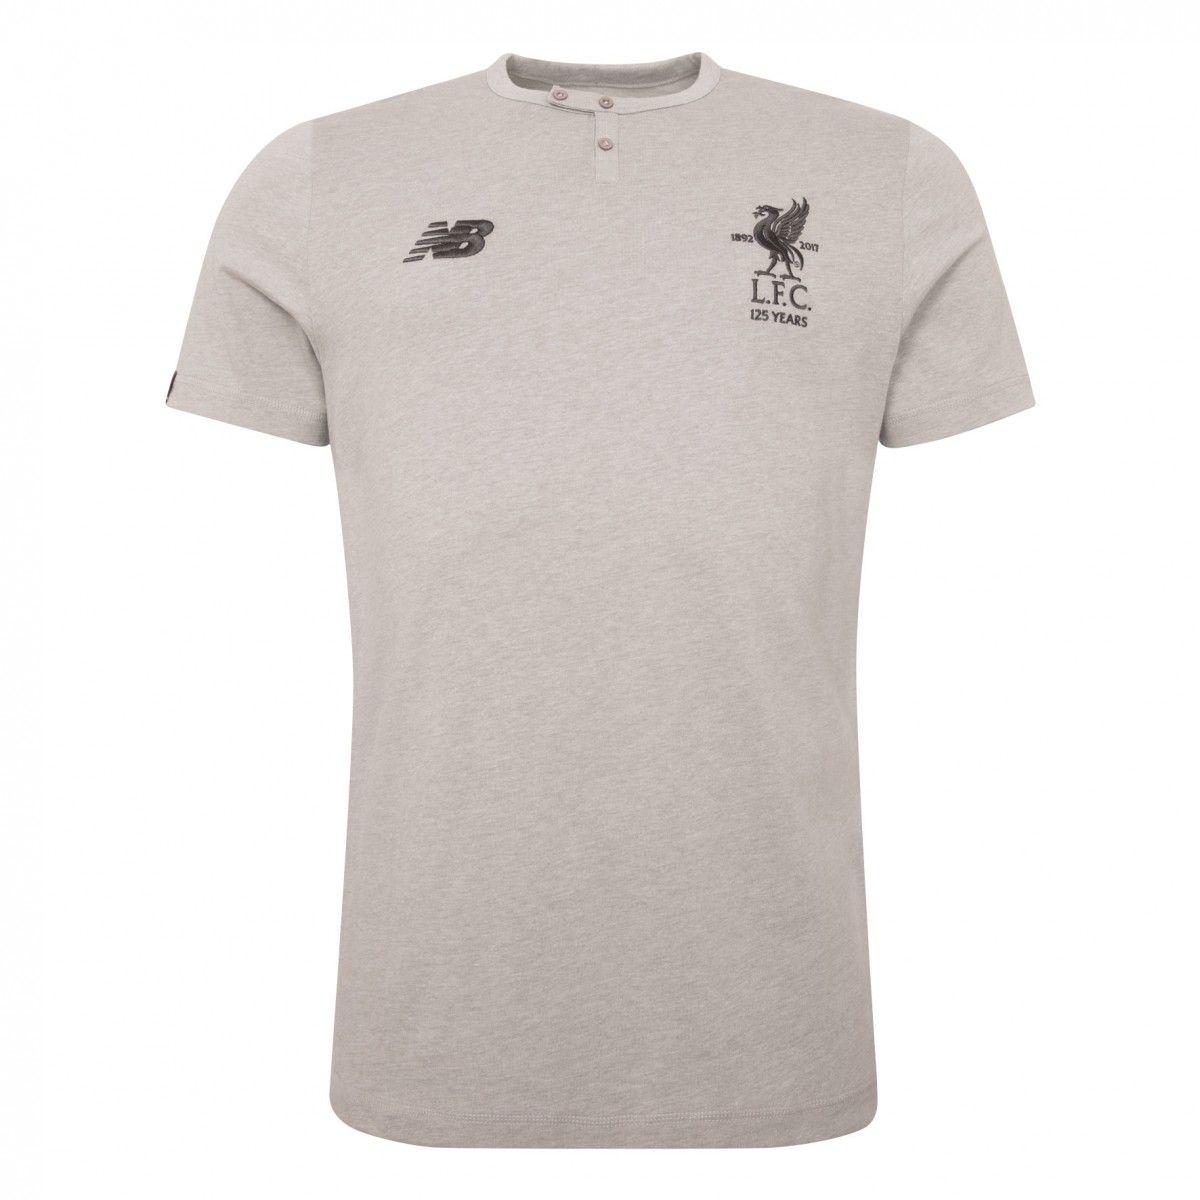 Camiseta Camiseta Liverpool 2005 Mujer Madrid Liverpool Camiseta Madrid Mujer Liverpool 2005 gwRnqgA